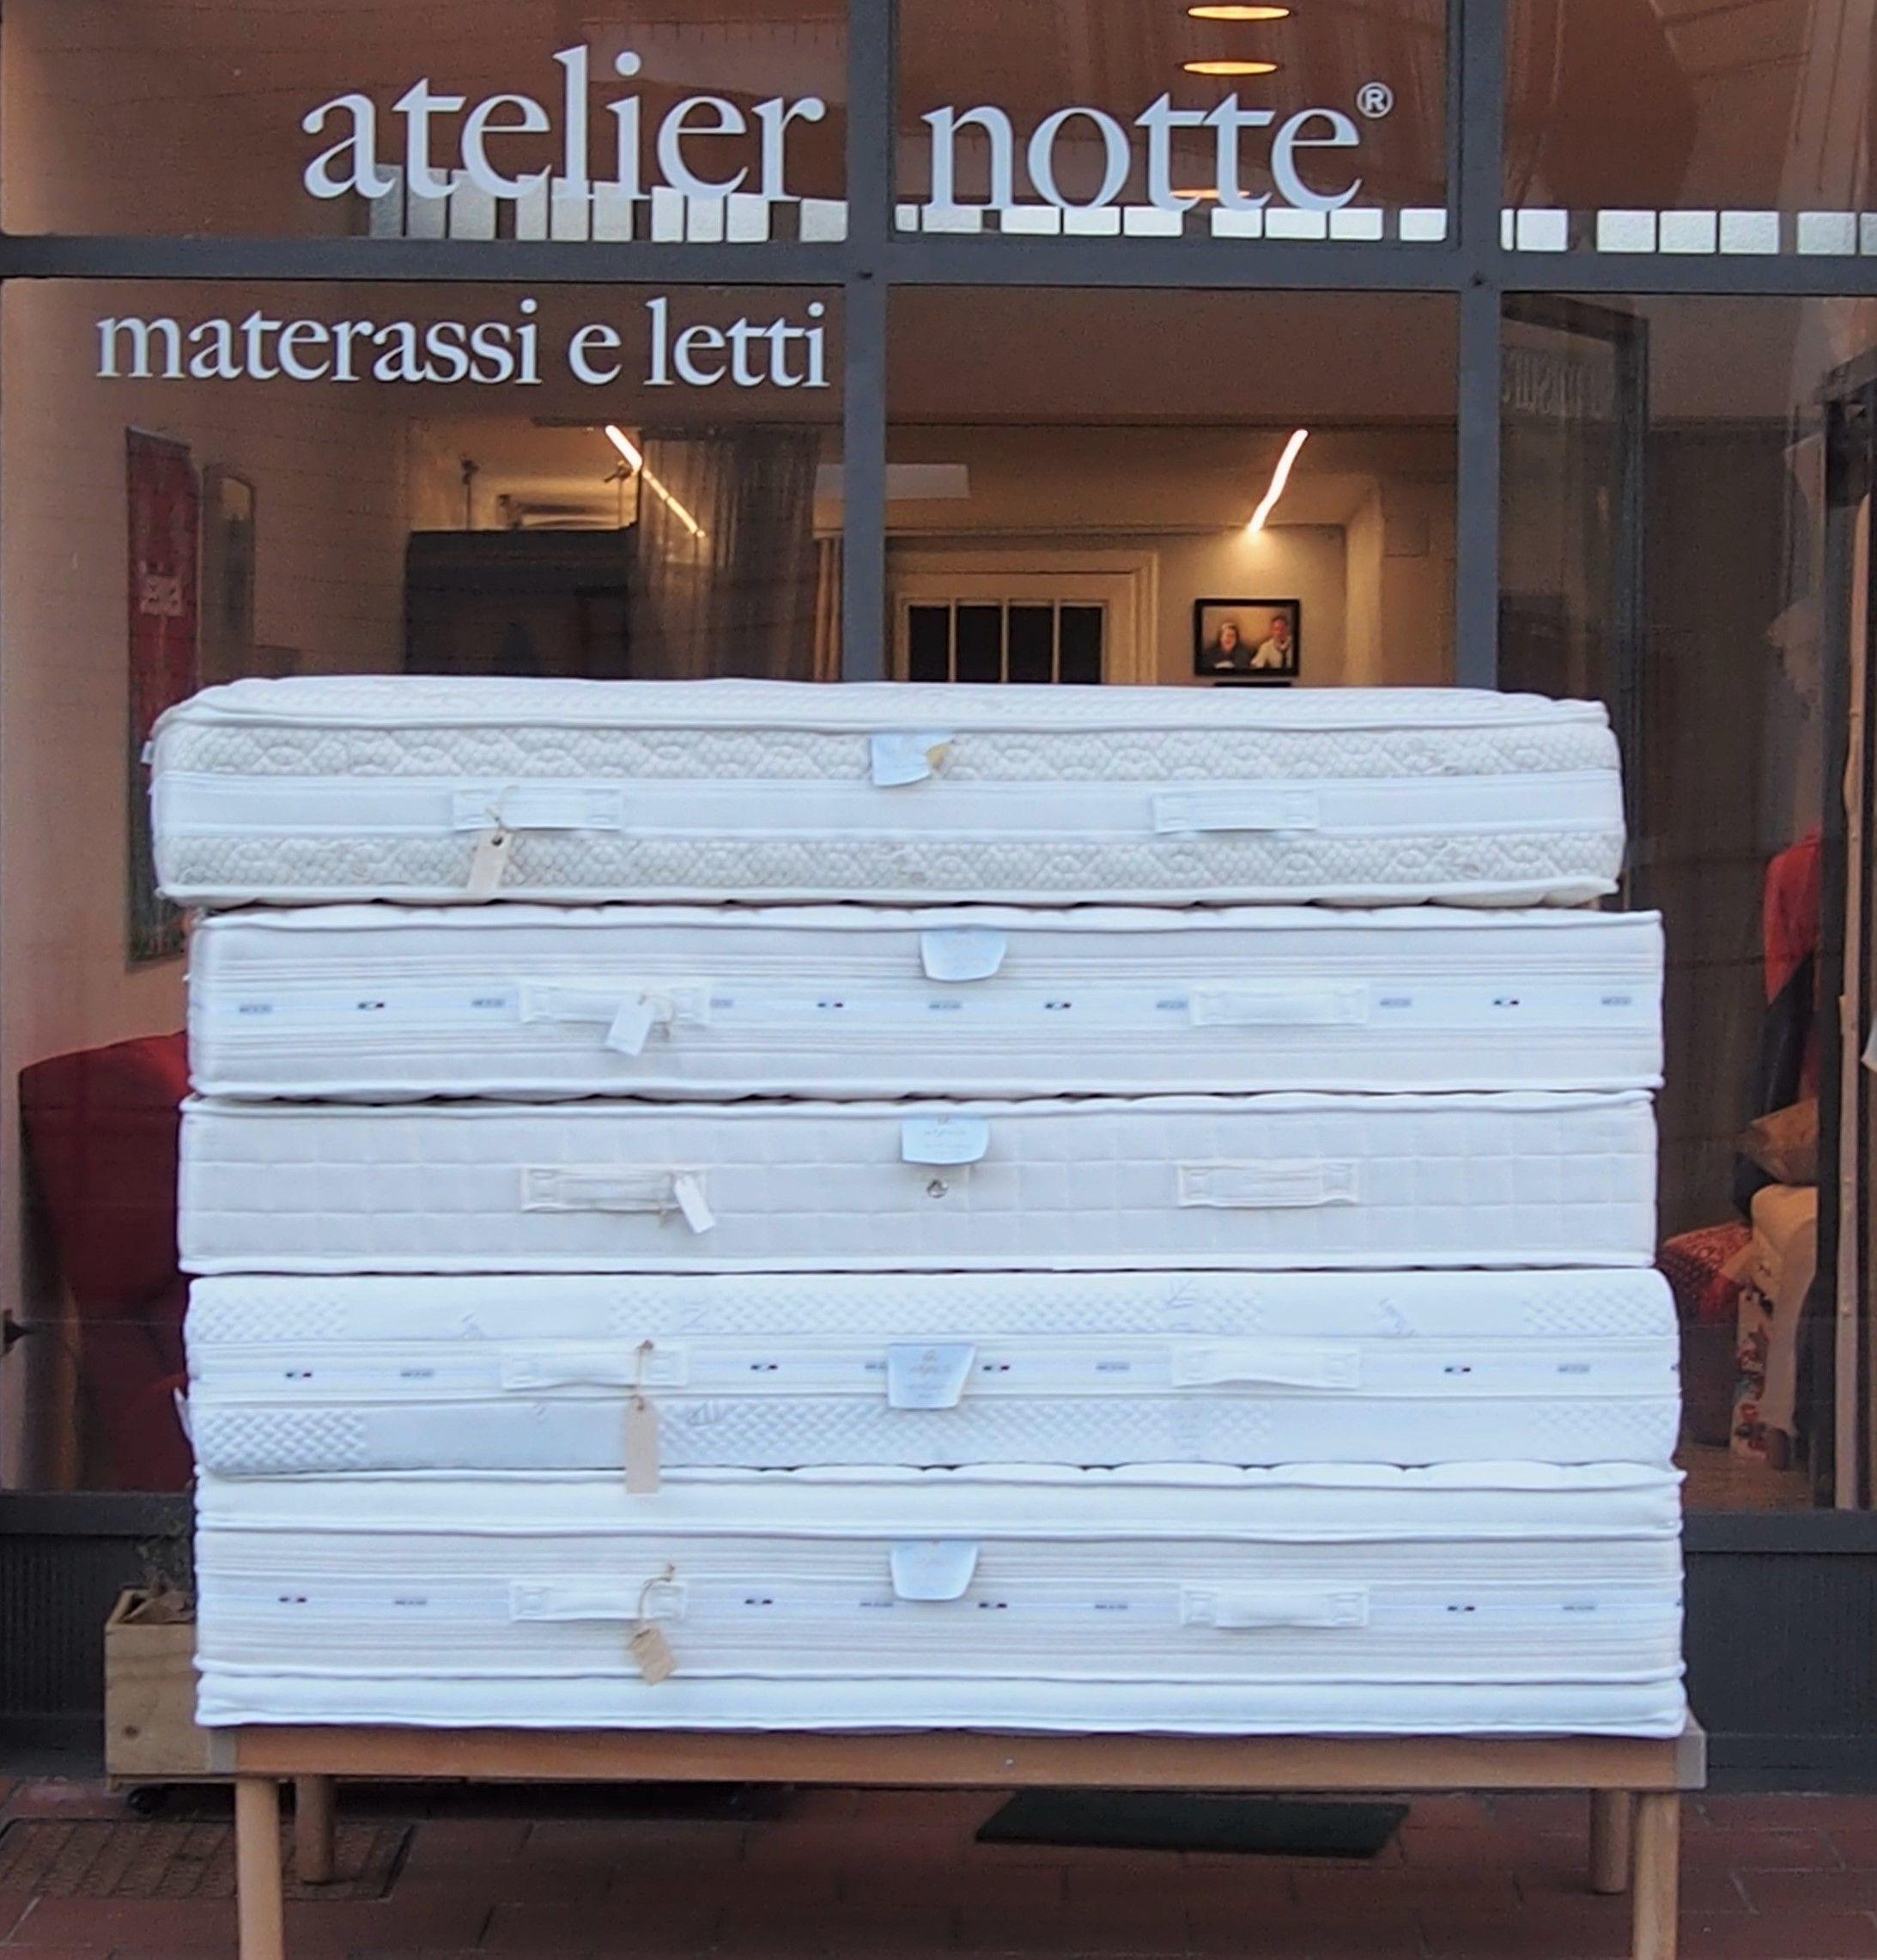 Atelier Notte a Druento (To ) Materassi di tutti i tipi...ad ognuno il suo!